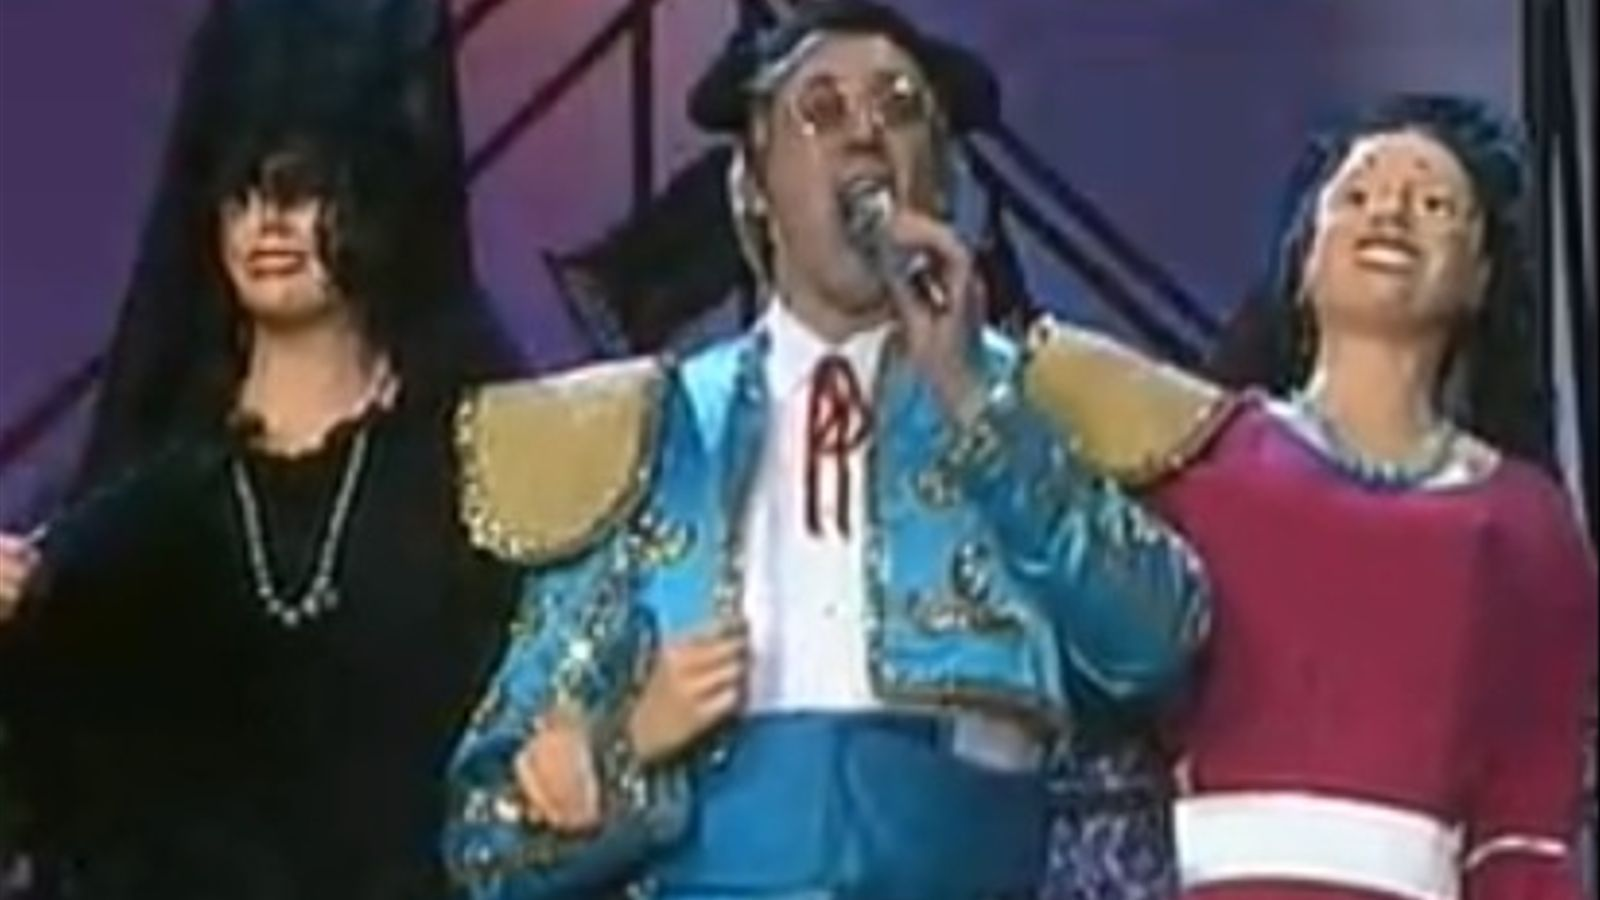 La Trinca es van vestir de toreros per dedicar una cançó a Fraga Iribarne